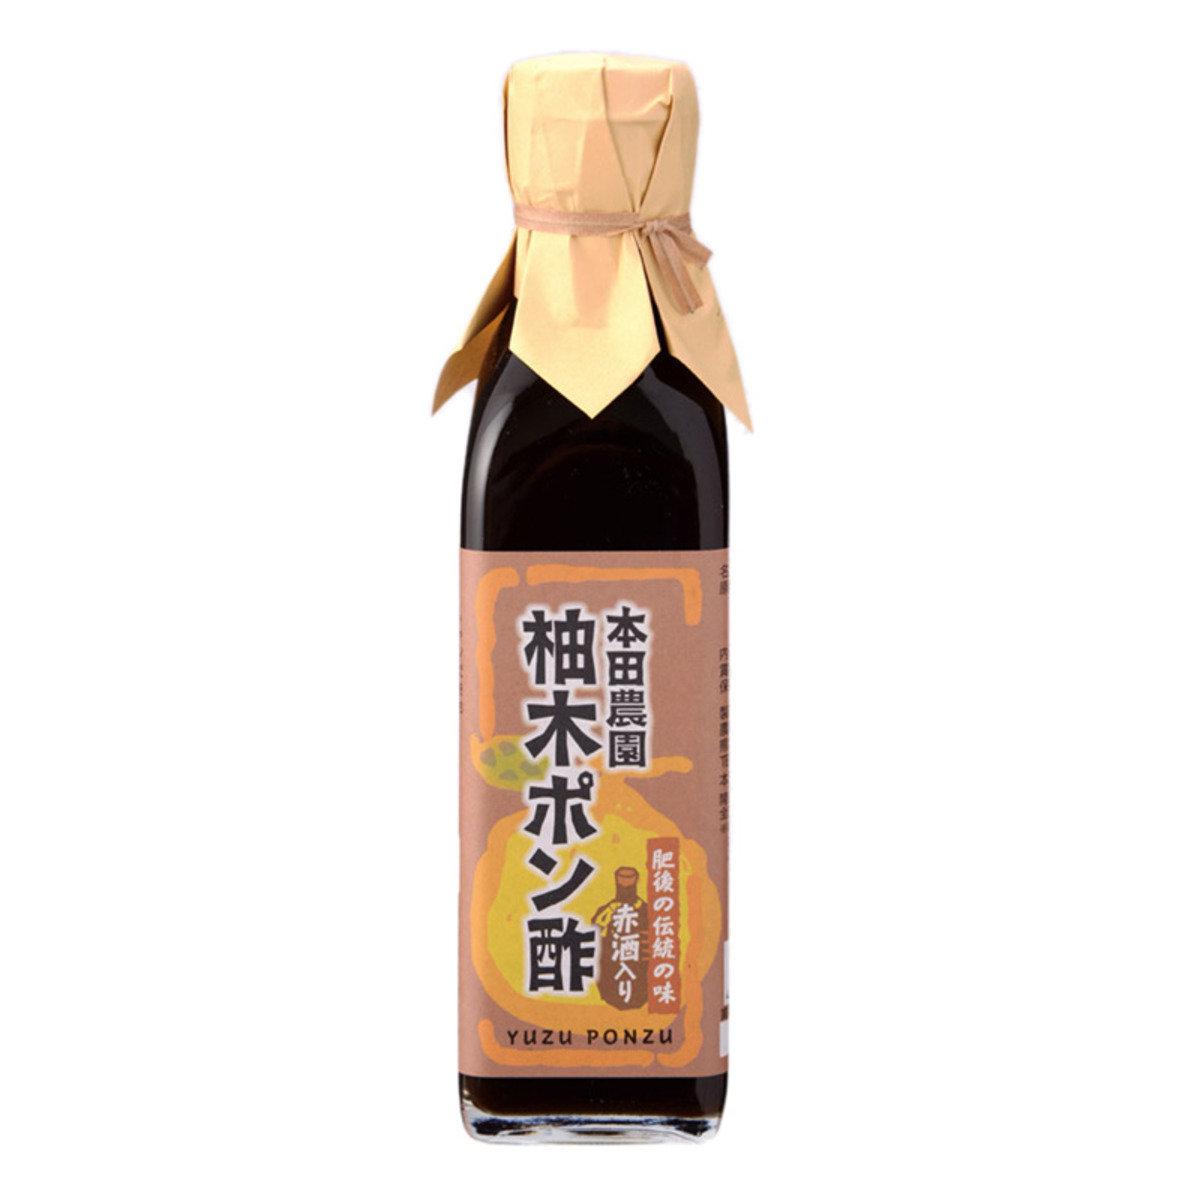 柚子醋 (200毫升)